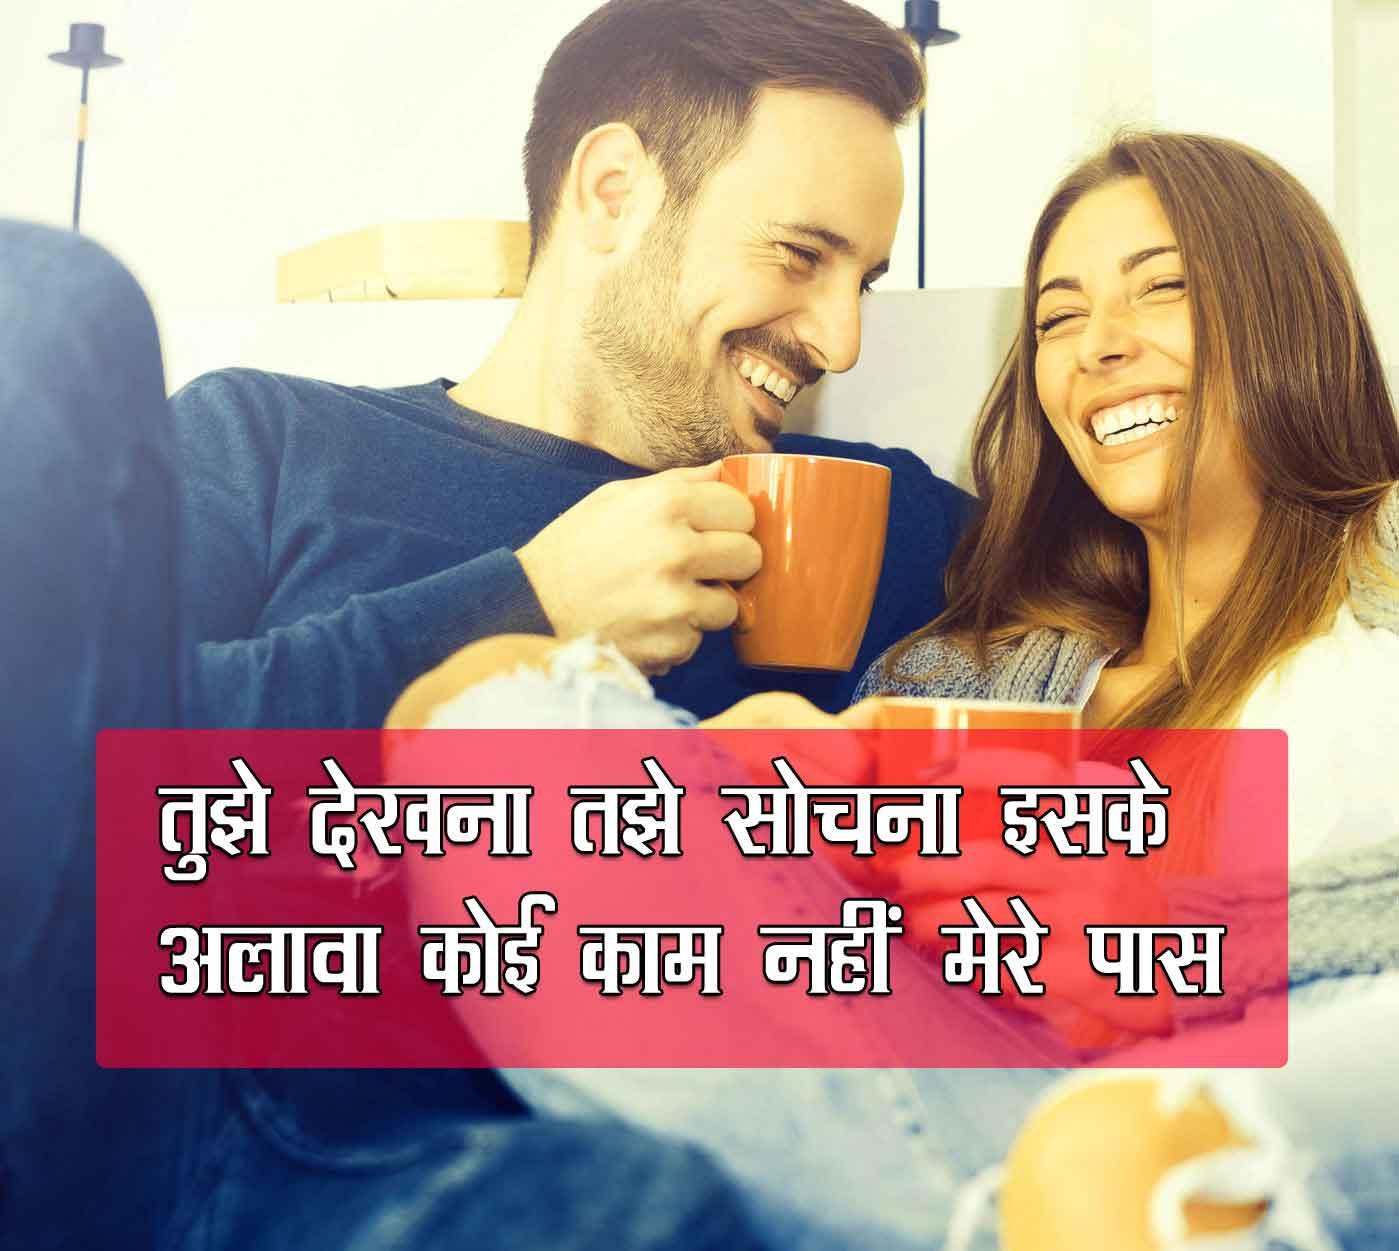 Love Shayari Images HD 2021 31